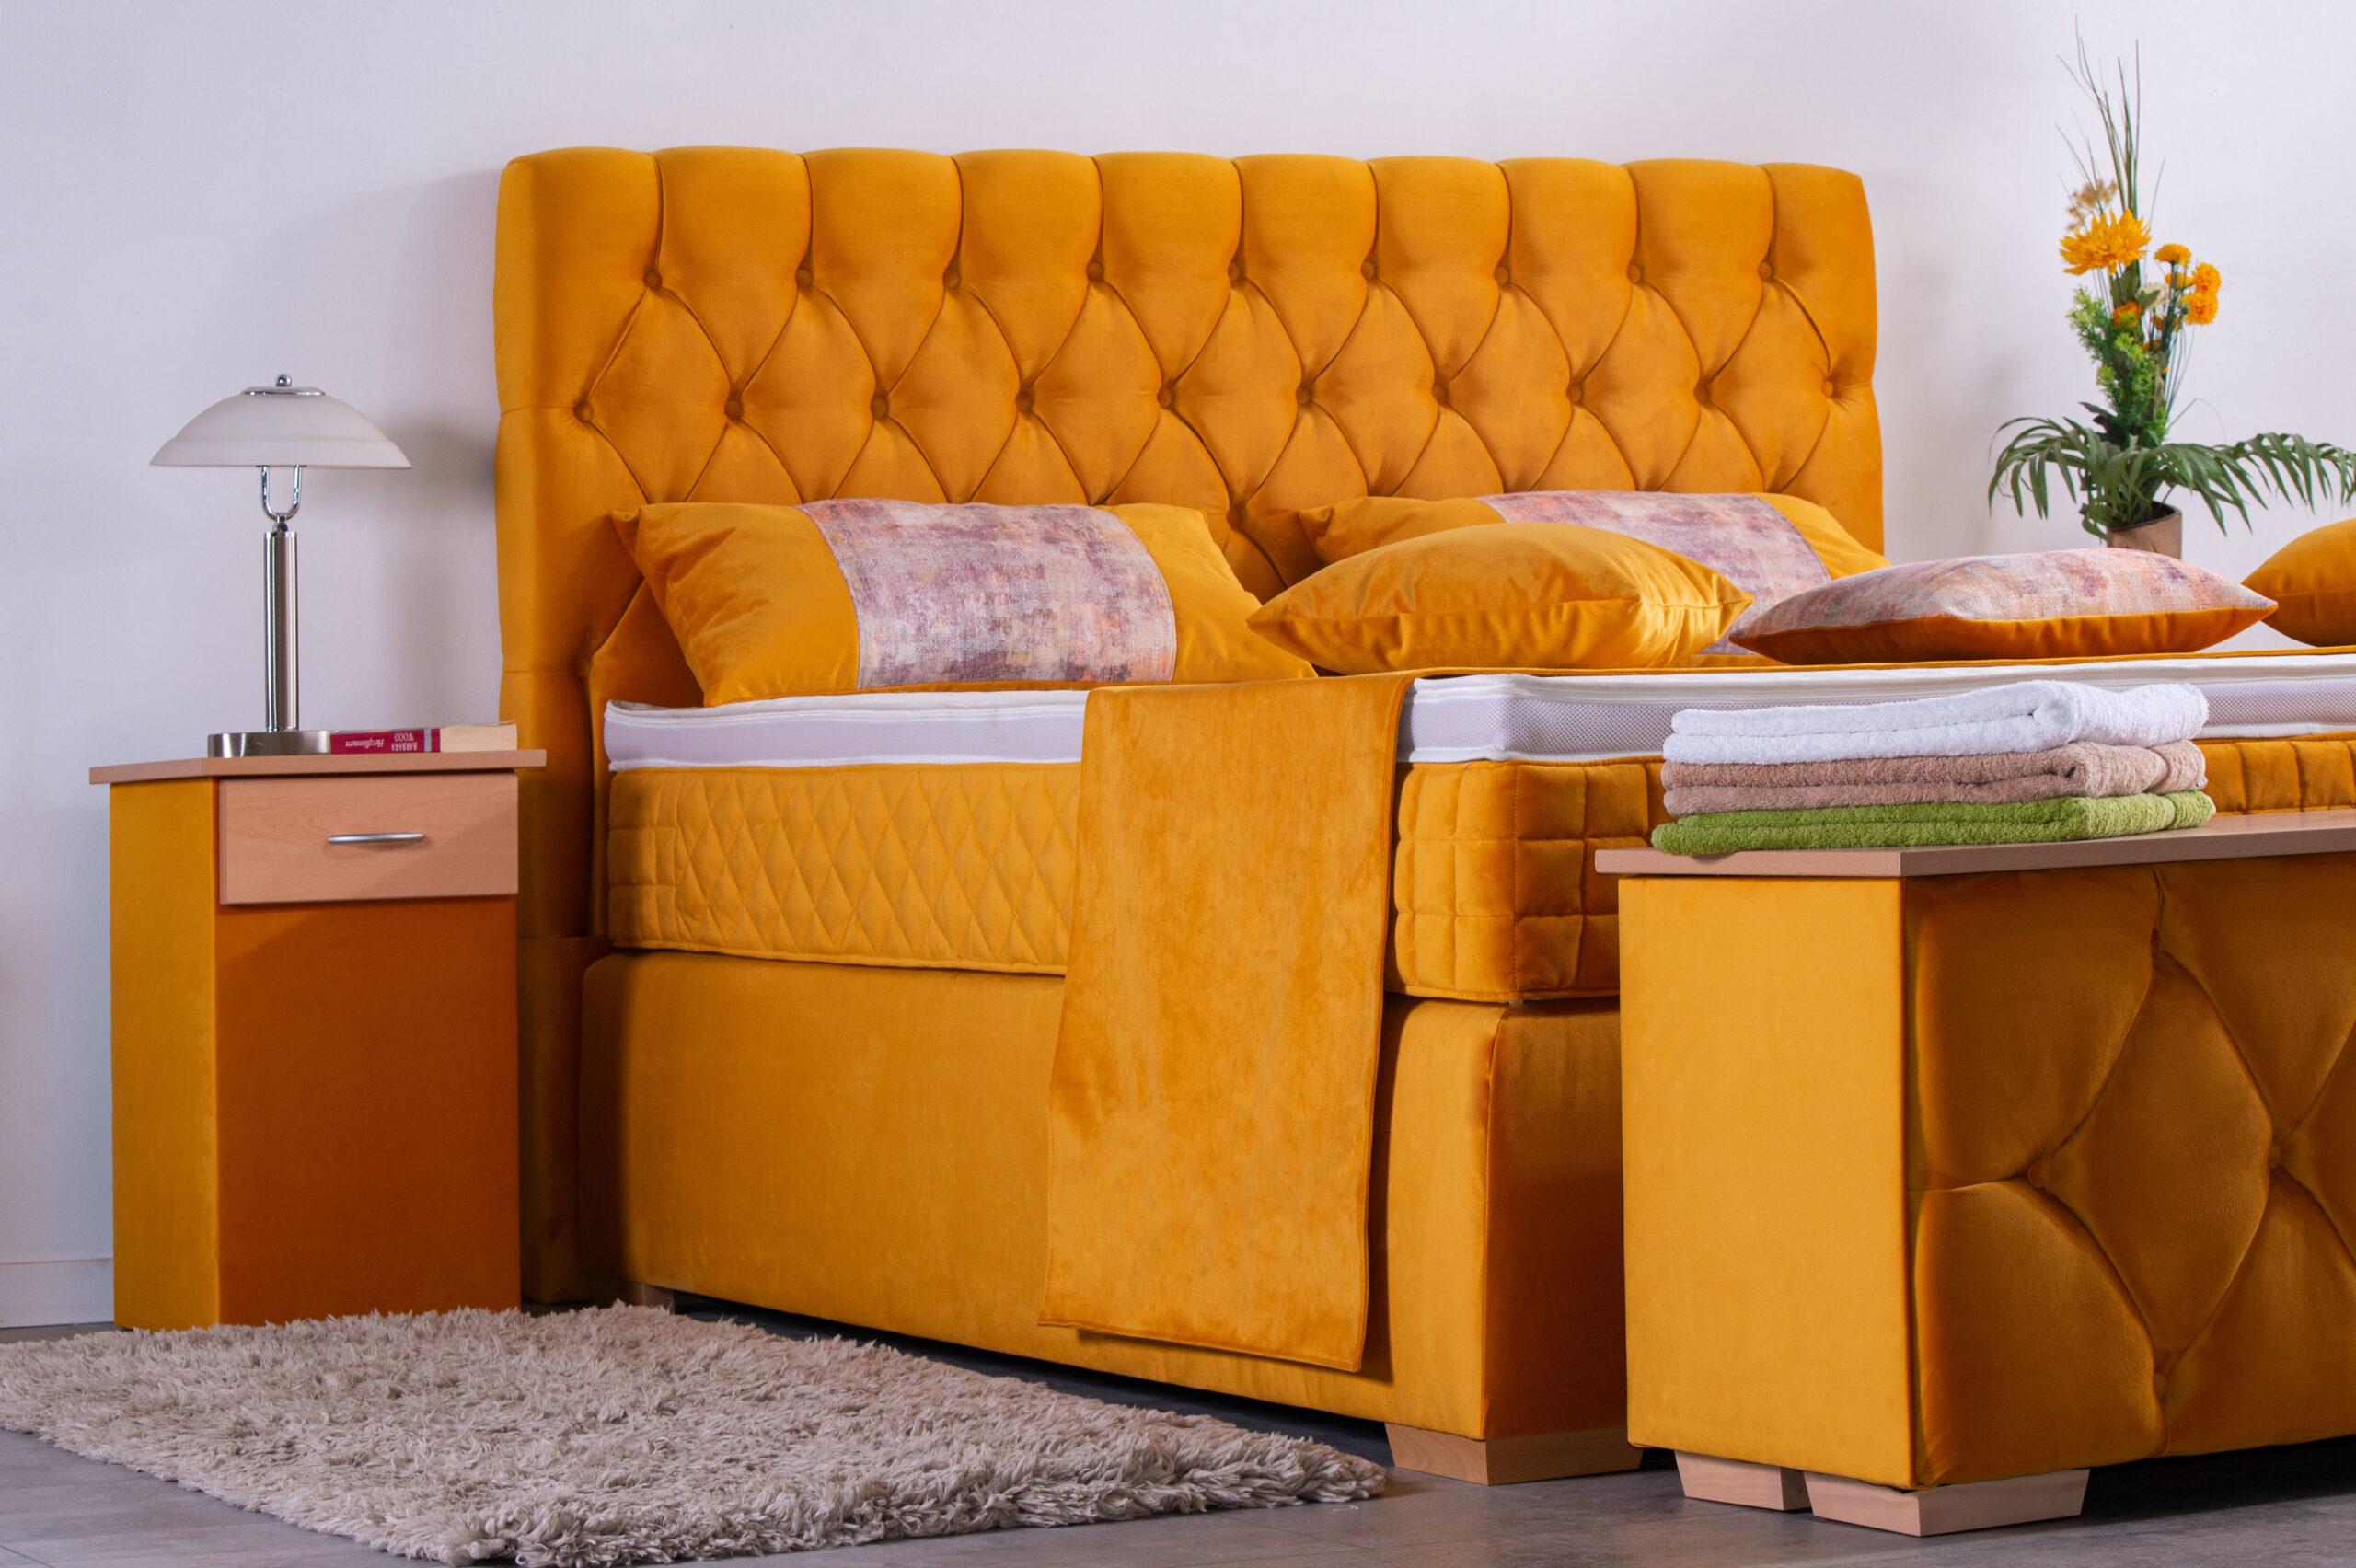 Luna Boxspringbett 100x200 über 120 Farben Härtegrad H2 H3 H4